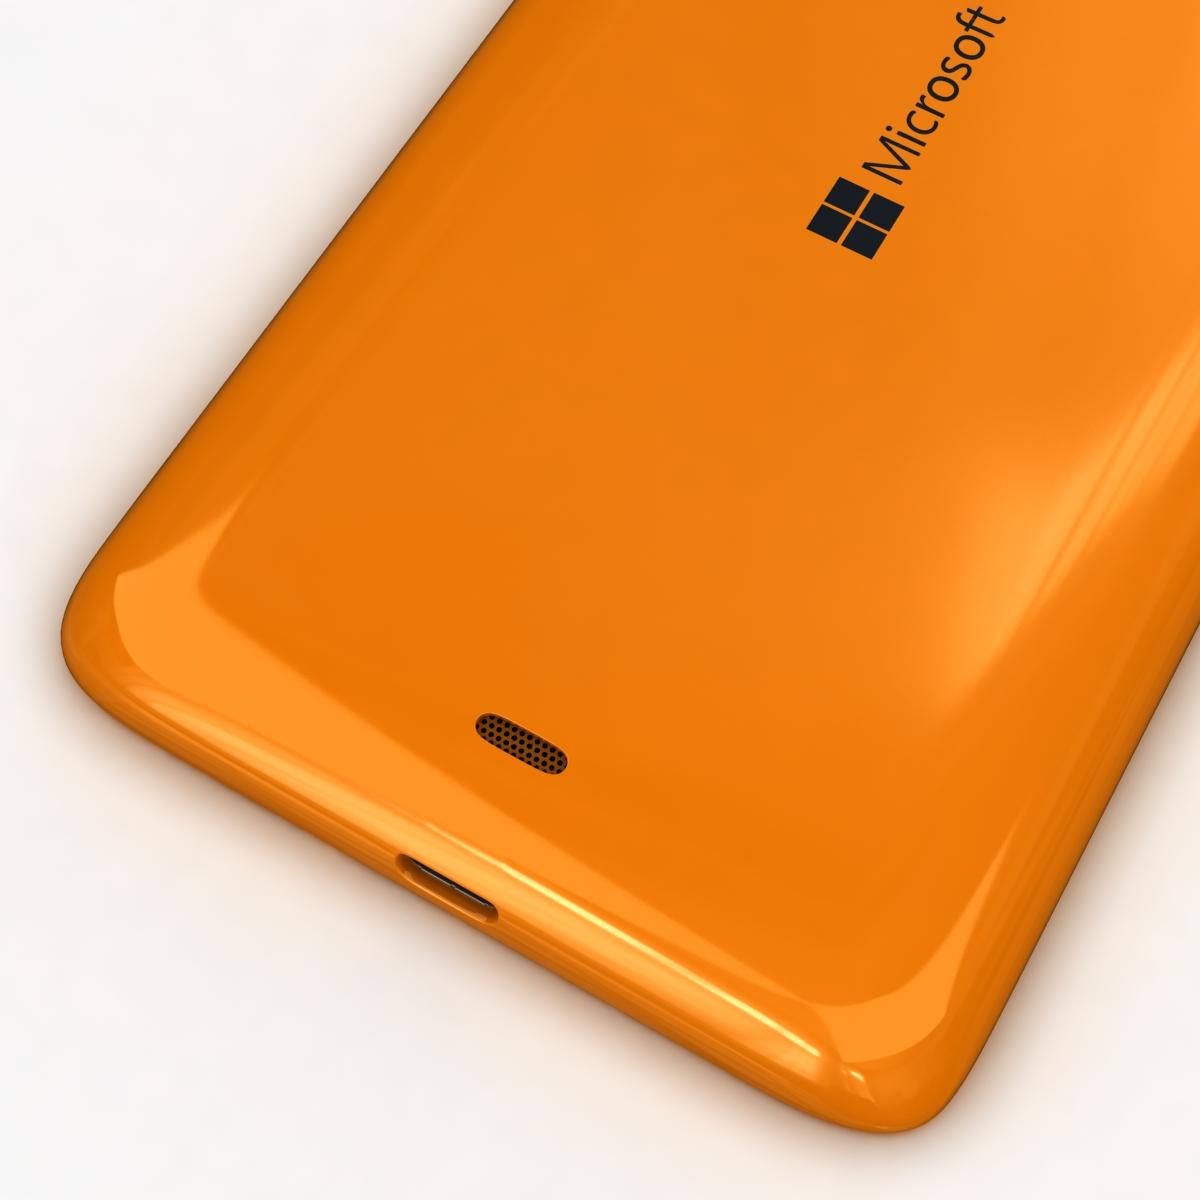 microsoft lumia 535 and dual sim all colors 3d model 3ds max fbx c4d obj 204664